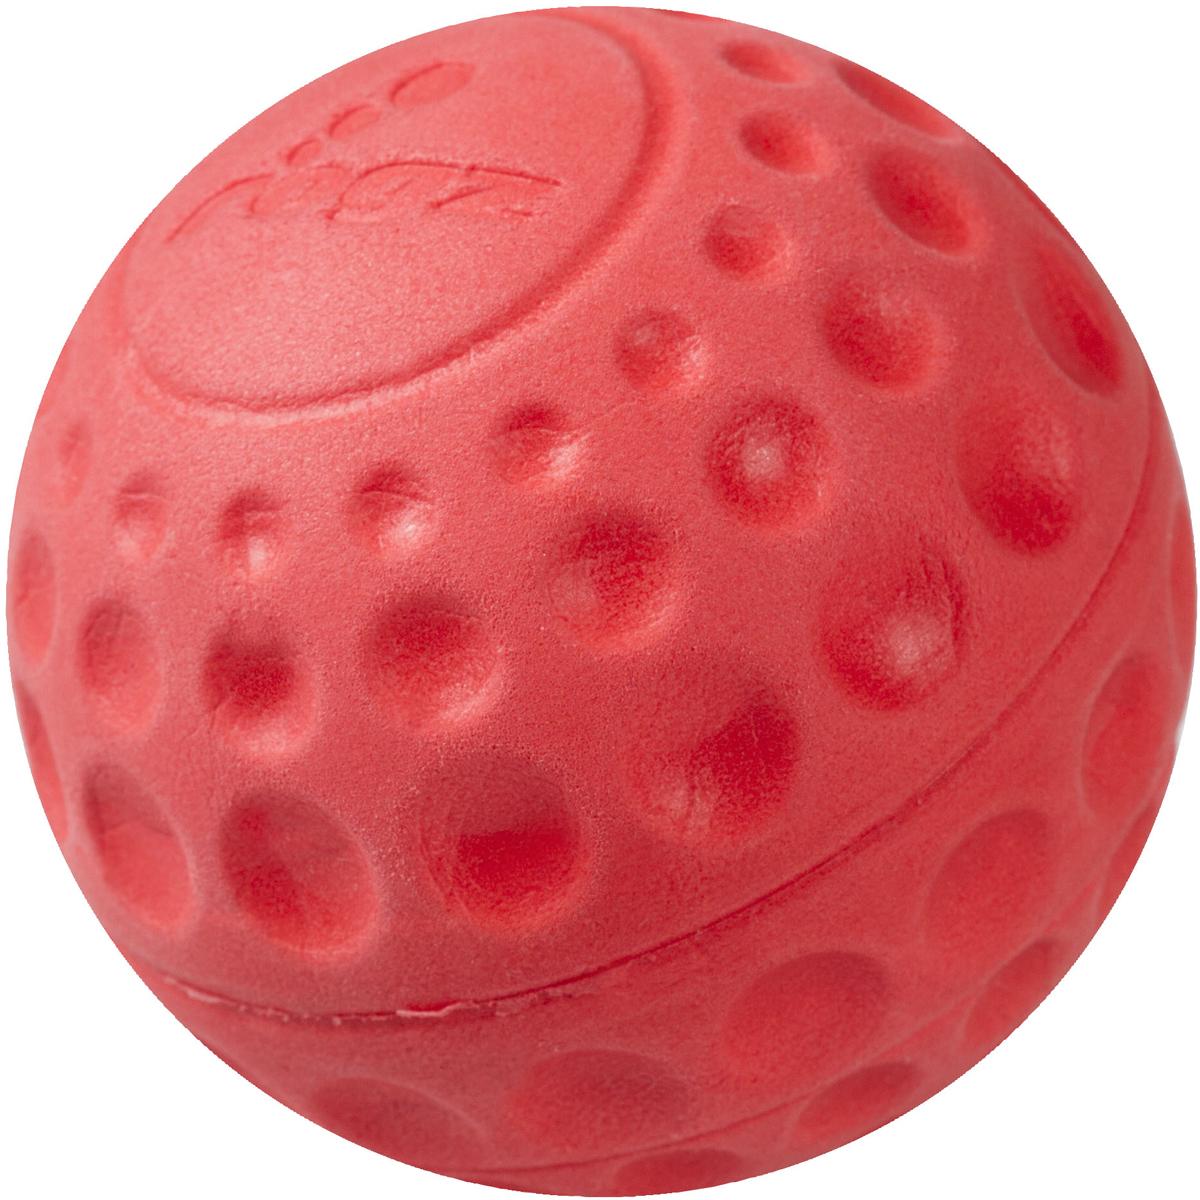 Игрушка для собак Rogz Asteroidz, цвет: красный, диаметр 6,4 см0120710Мяч предназначен для игры с хозяином Принеси.Небольшой вес, не травмирует десна, не повреждает зубы, удобно носить в пасти.Отличная упругость для подпрыгивания.Изготовлено из особого термоэла-стопласта SEBS, обеспечивающего великолепную плавучесть в воде, поэтому игрушка отлично подходит для игры в водоеме.Материал изделия: EVA (этиленвинилацетат) - легкий мелкопористый материал, похожий на застывшую пену.Не токсичен. 100% EVA (Этиленвинилацетат)